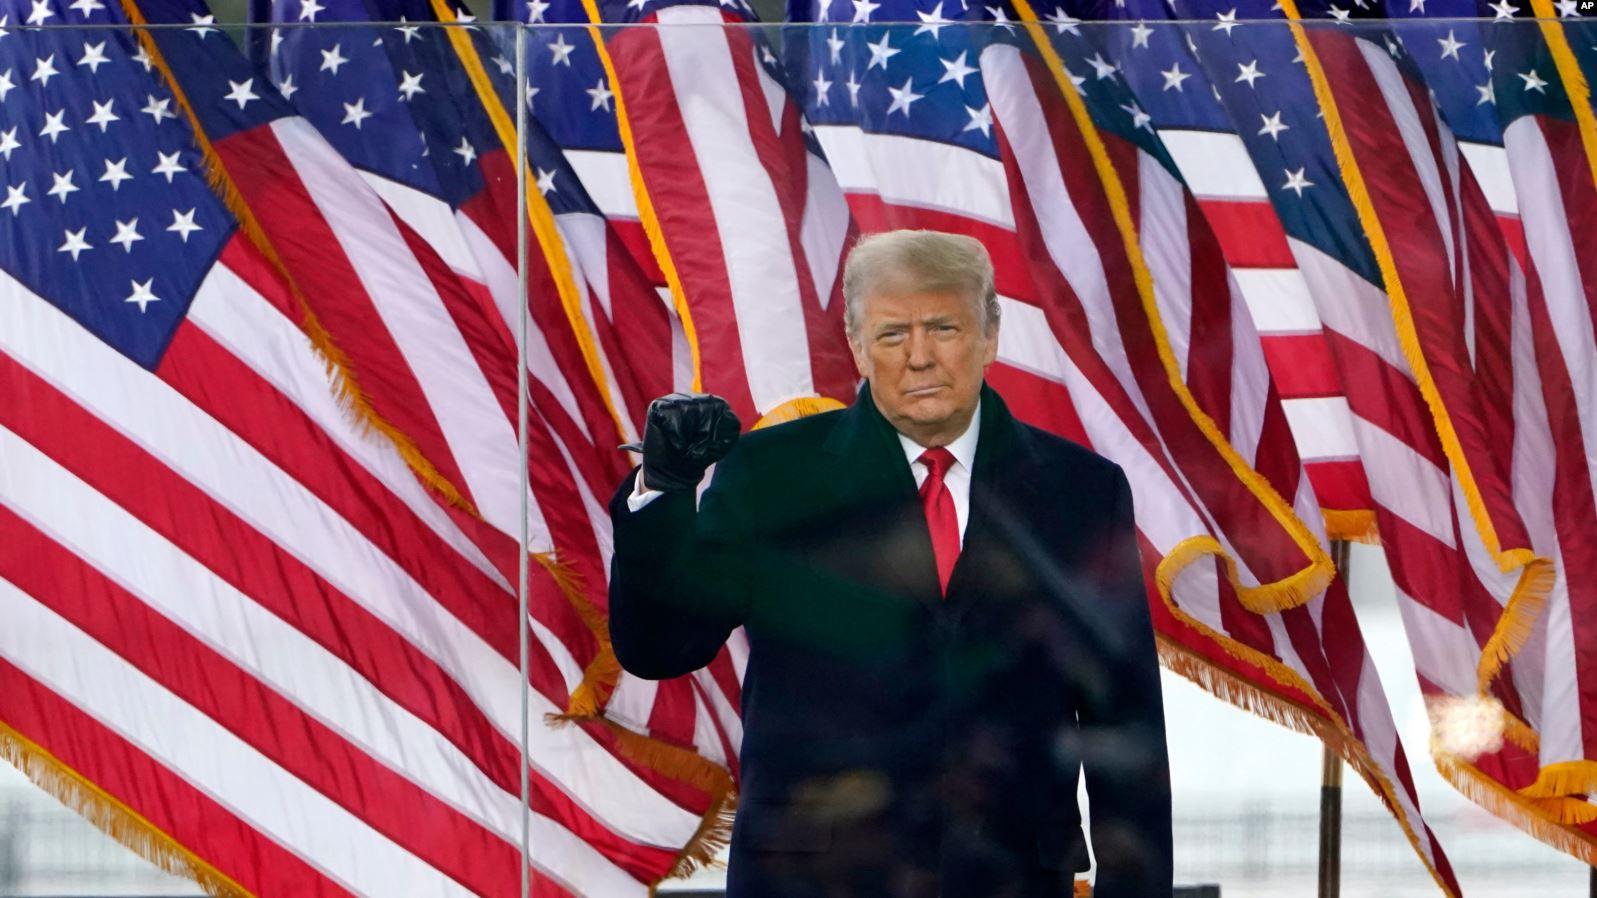 Lëkundet mbështetja republikane për Trump, Romney: Ai humbi, Biden fitoi zgjedhjet